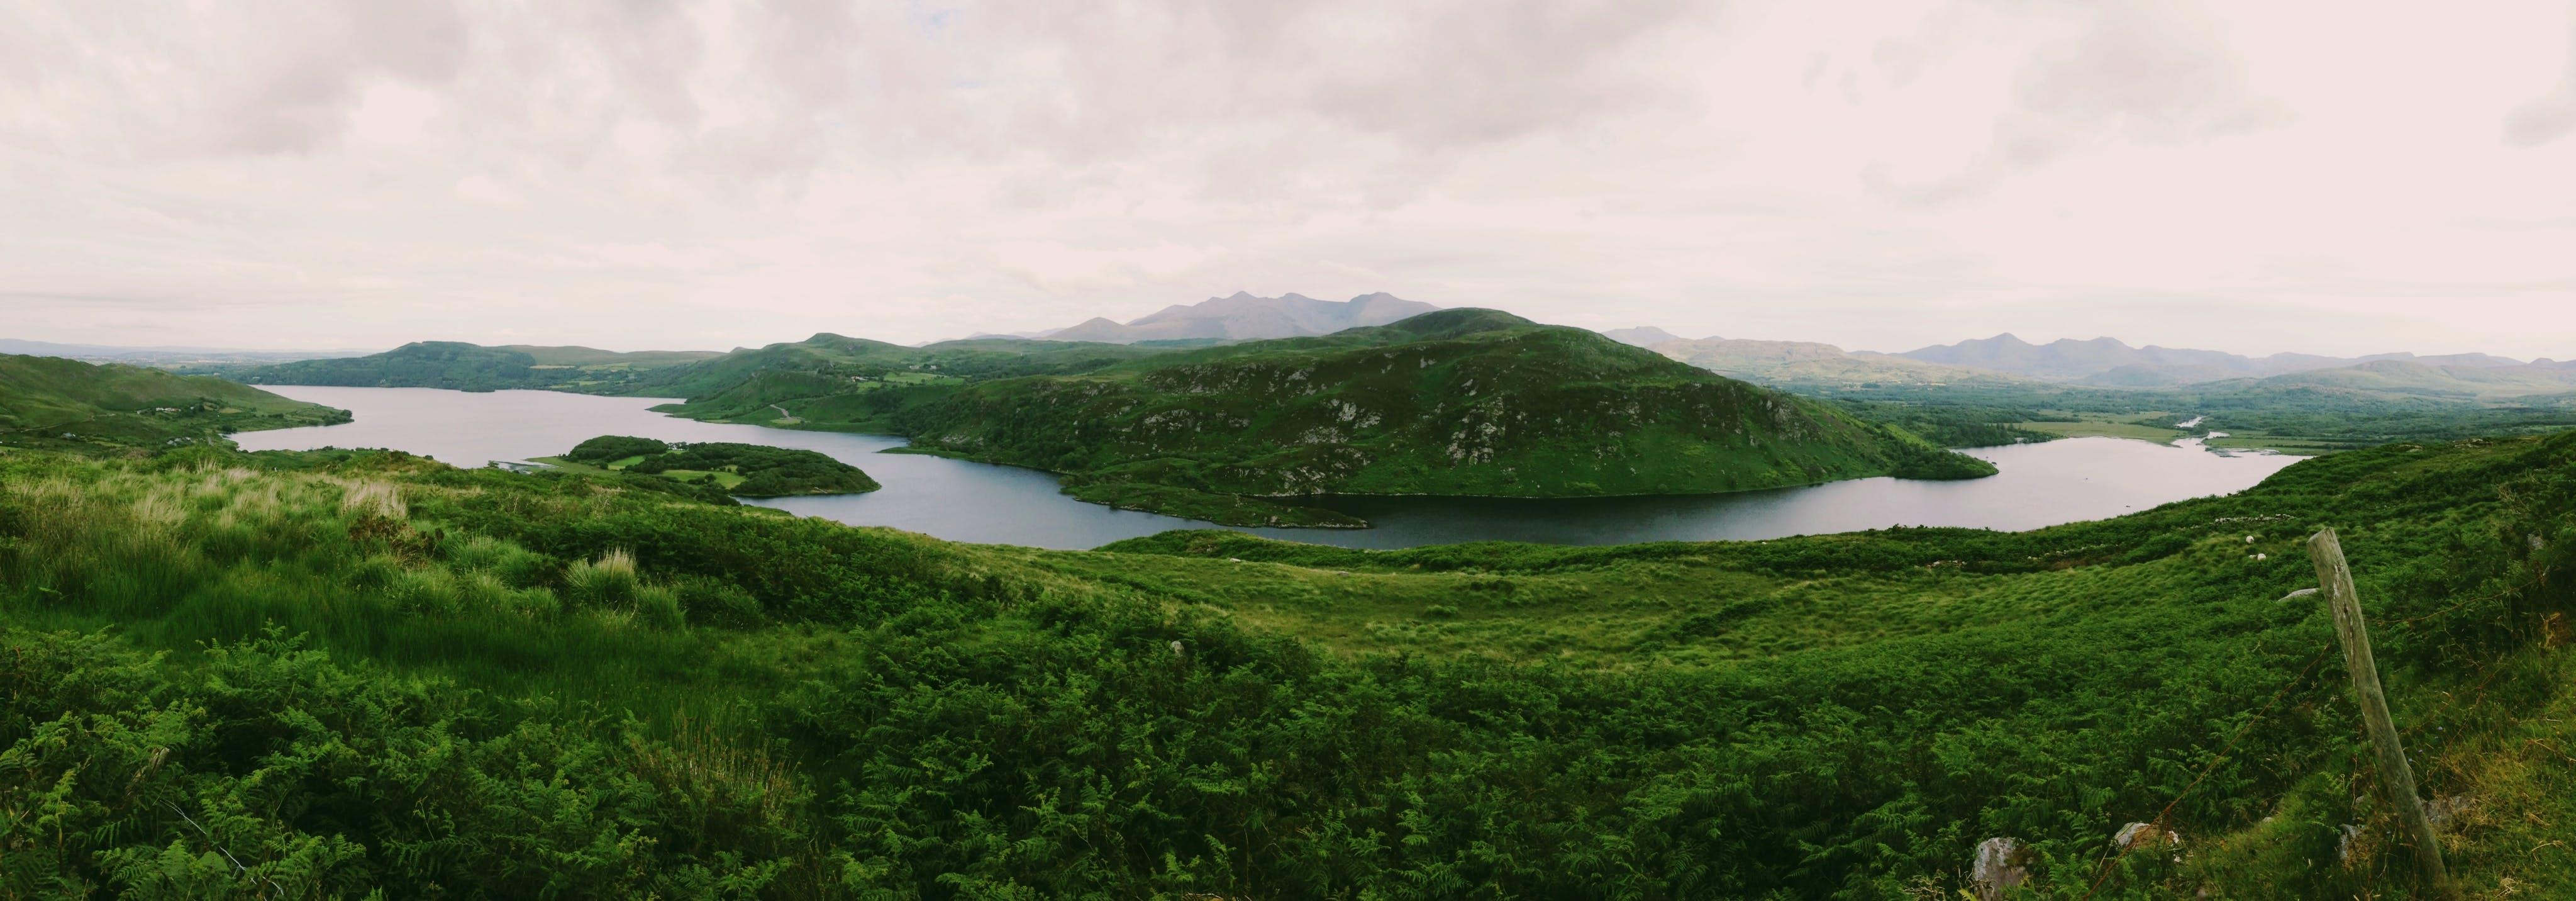 Foto stok gratis air, alam, gunung, hijau